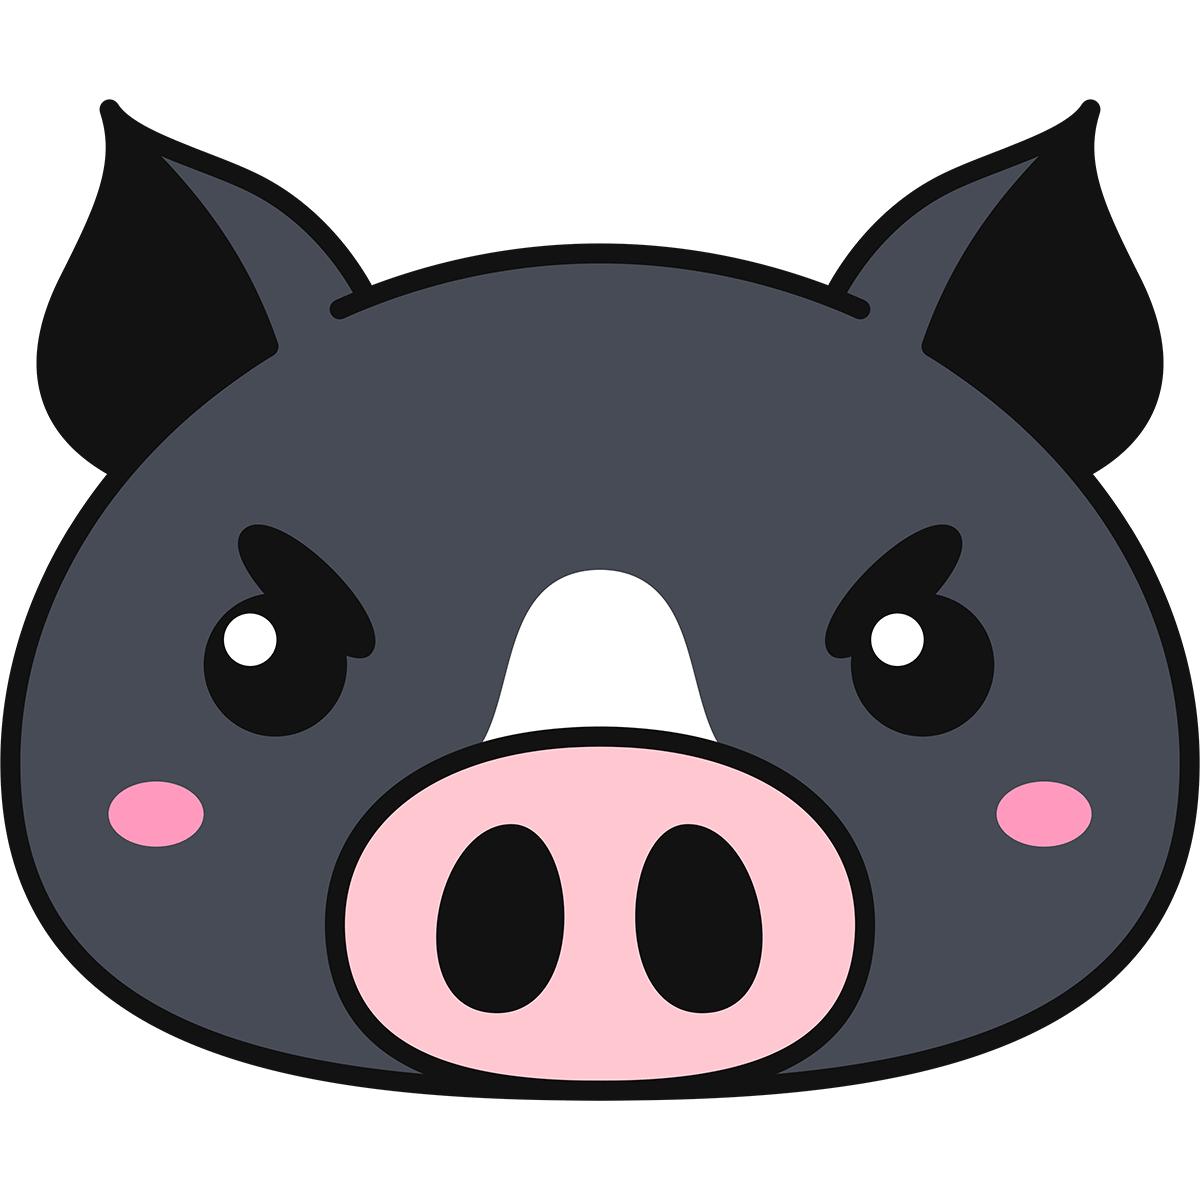 黒豚の顔の無料イラスト